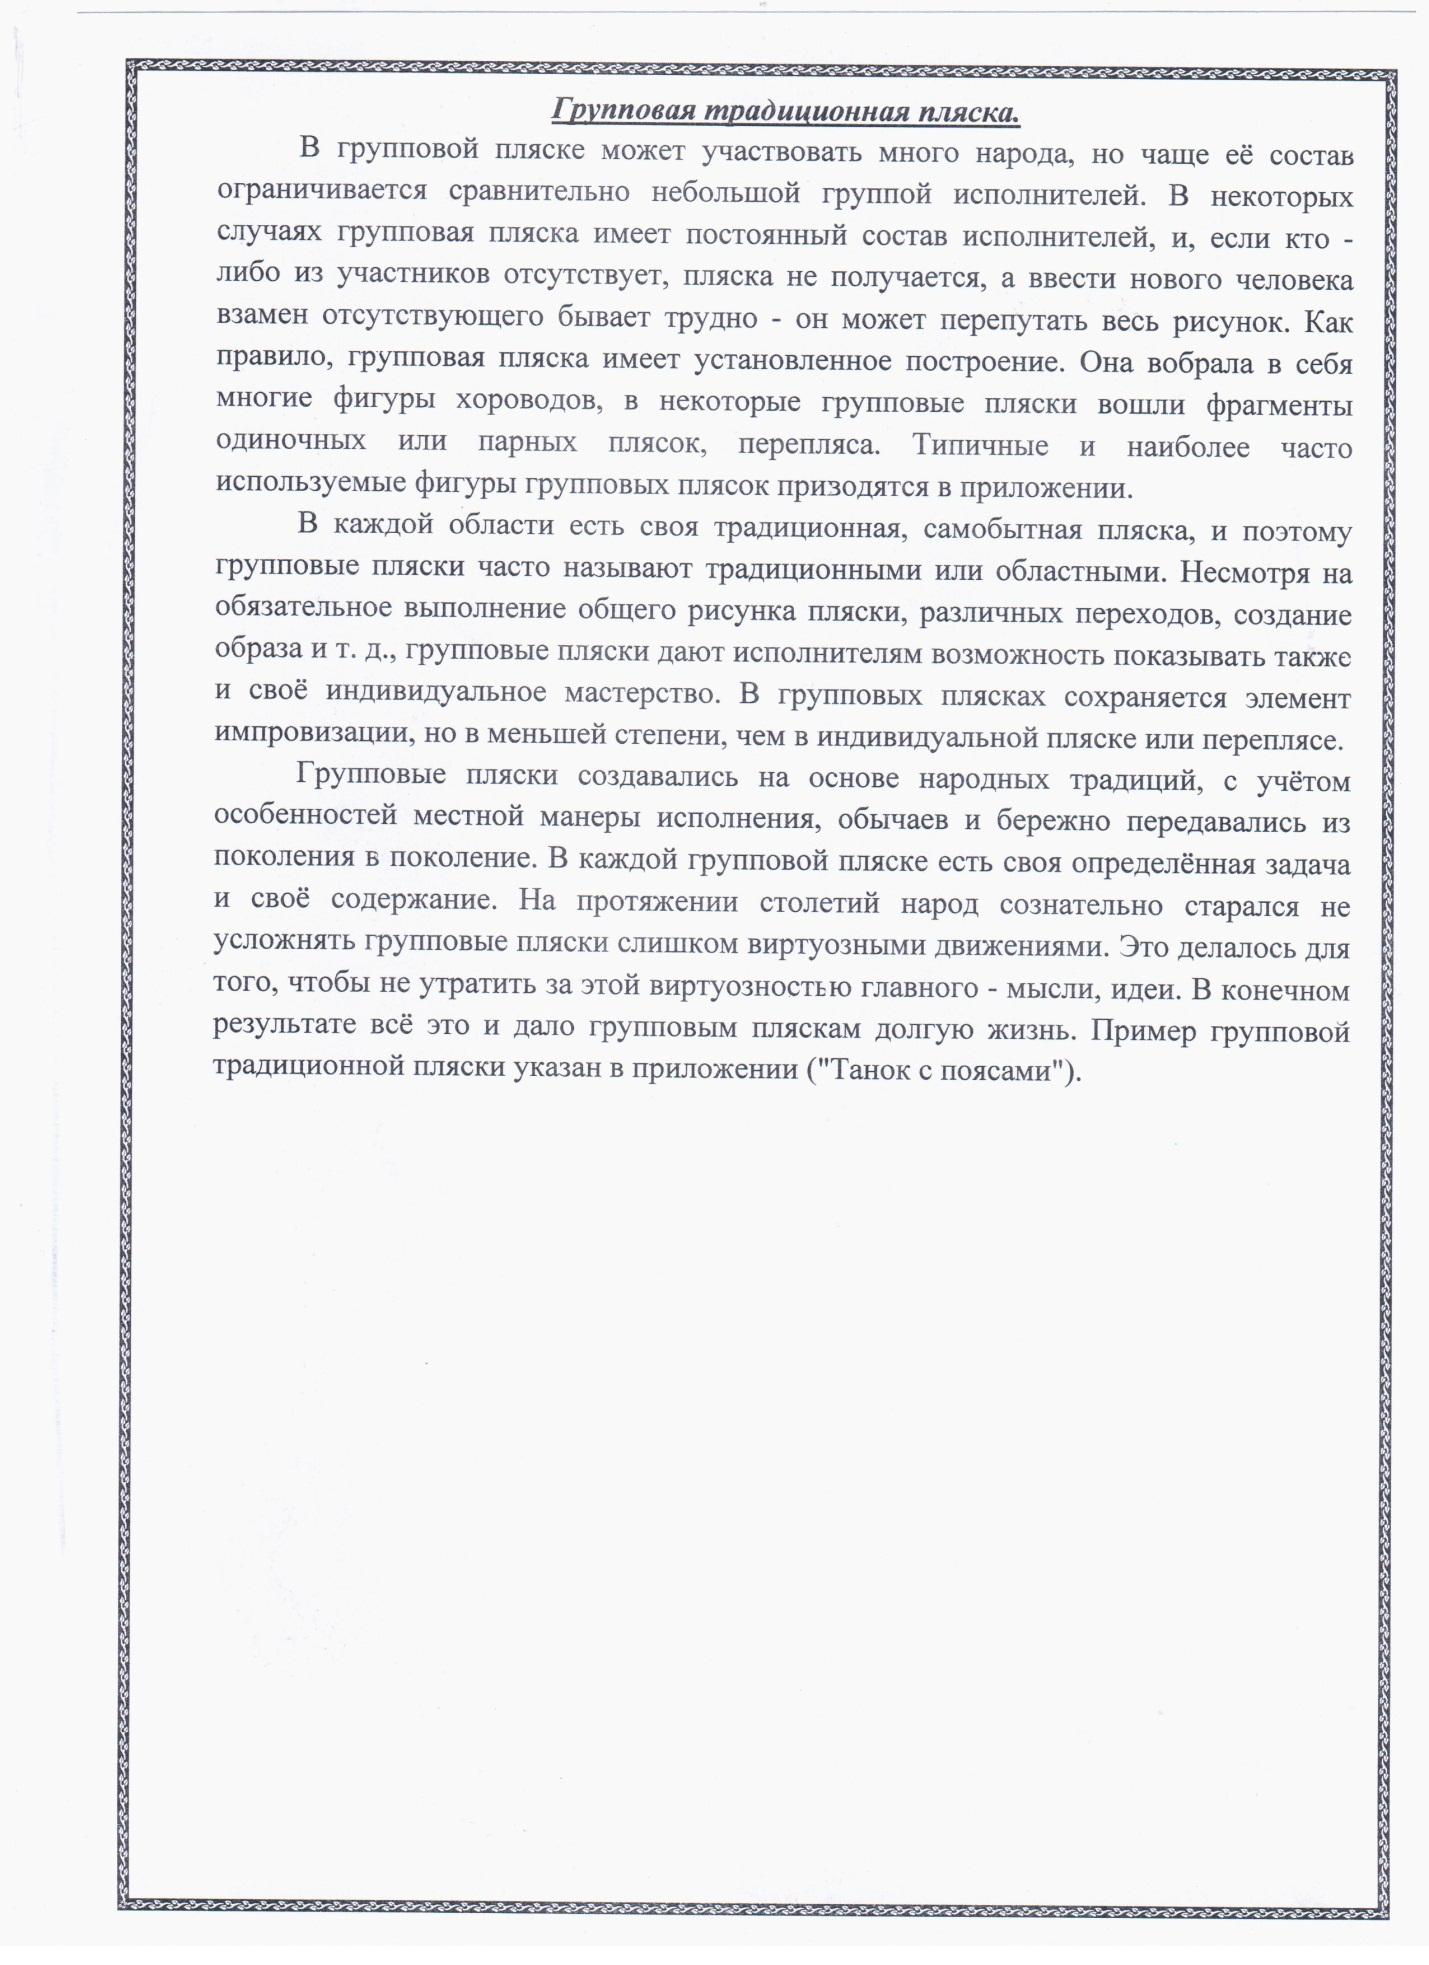 E:\доклад русский танец и еев иды\9.jpeg